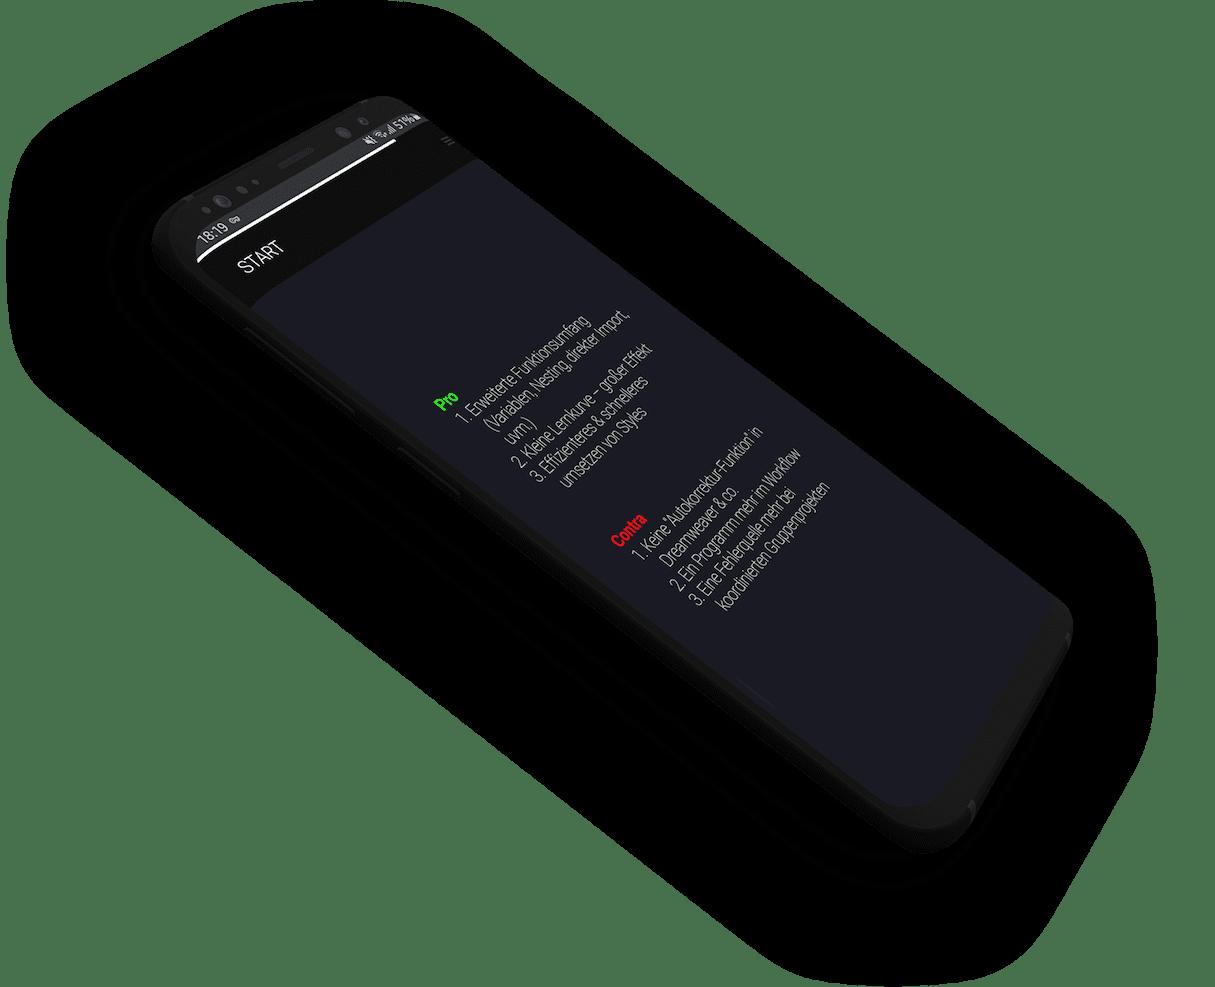 Pro undContrsektion auf einem Samsung Galaxy Mockup